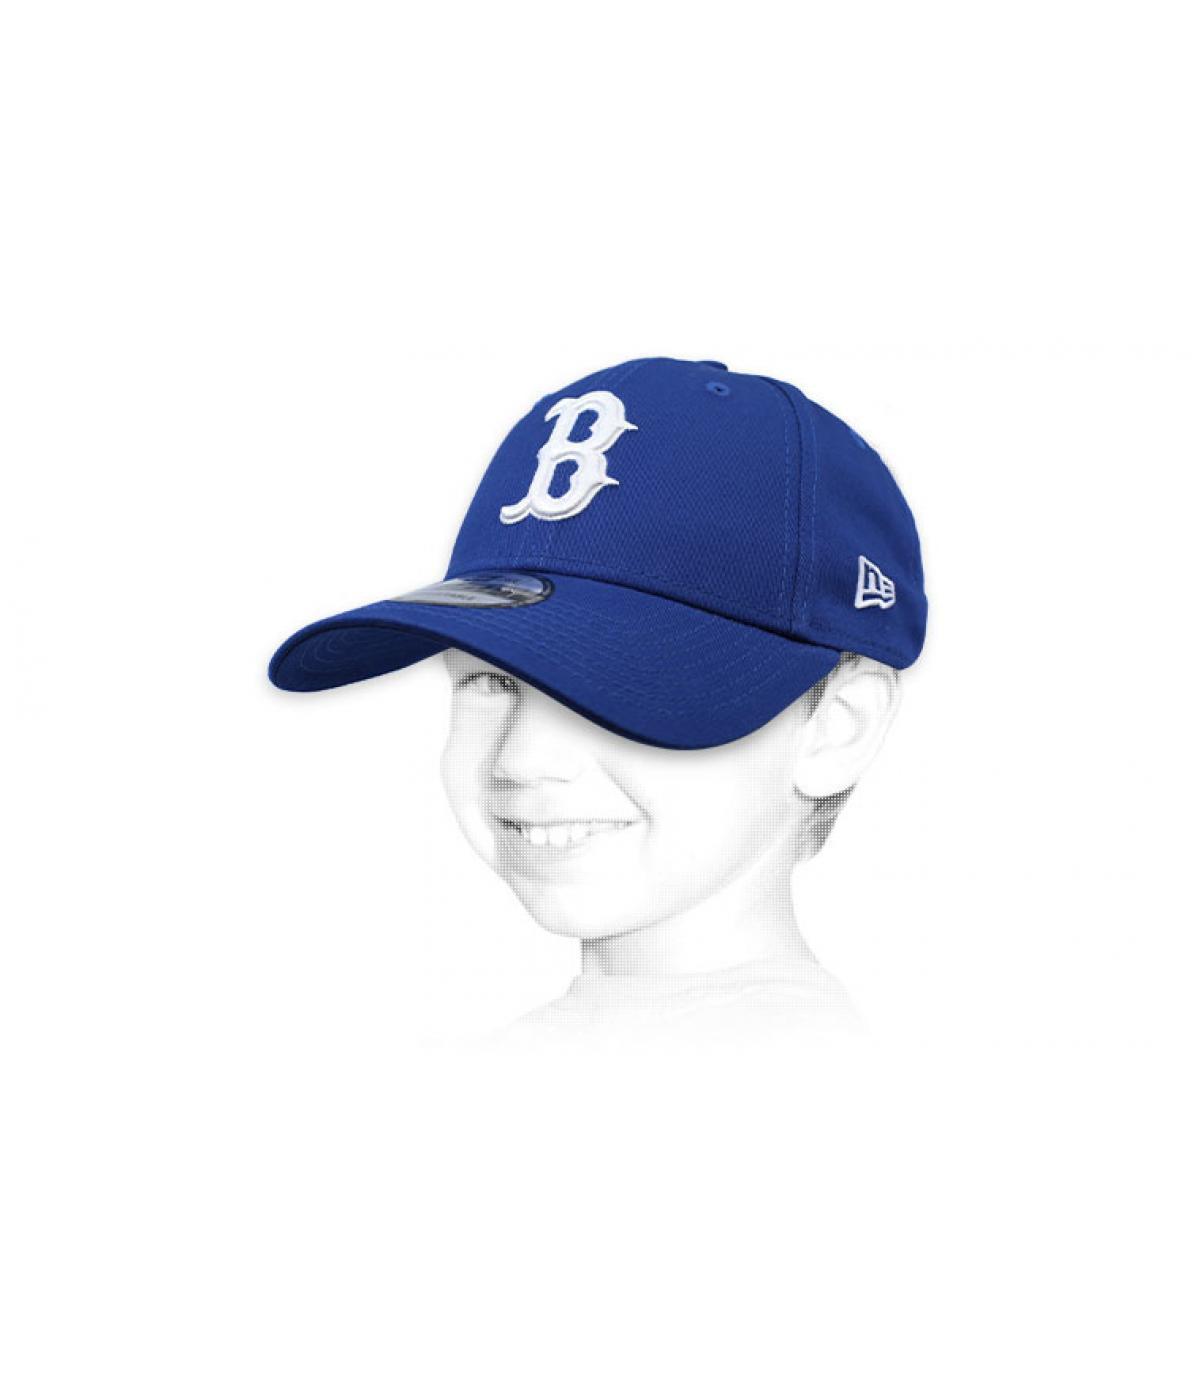 berretto da bambino B blu